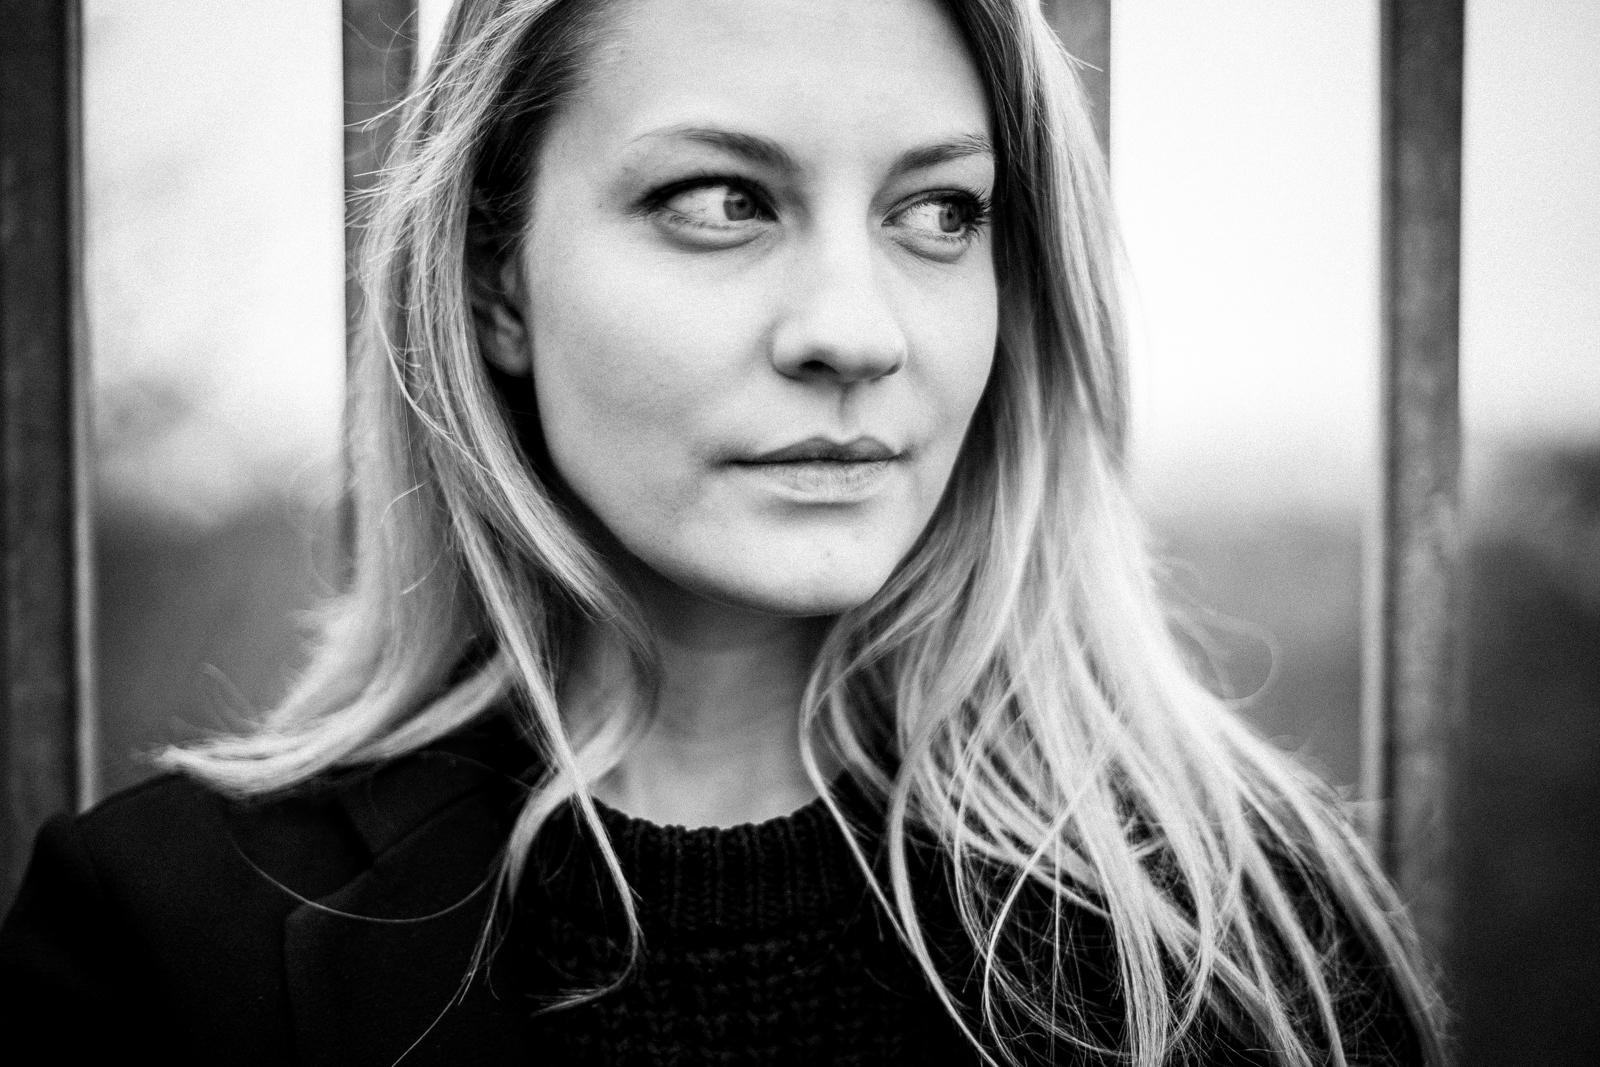 Shooting Viktoria - Berlin